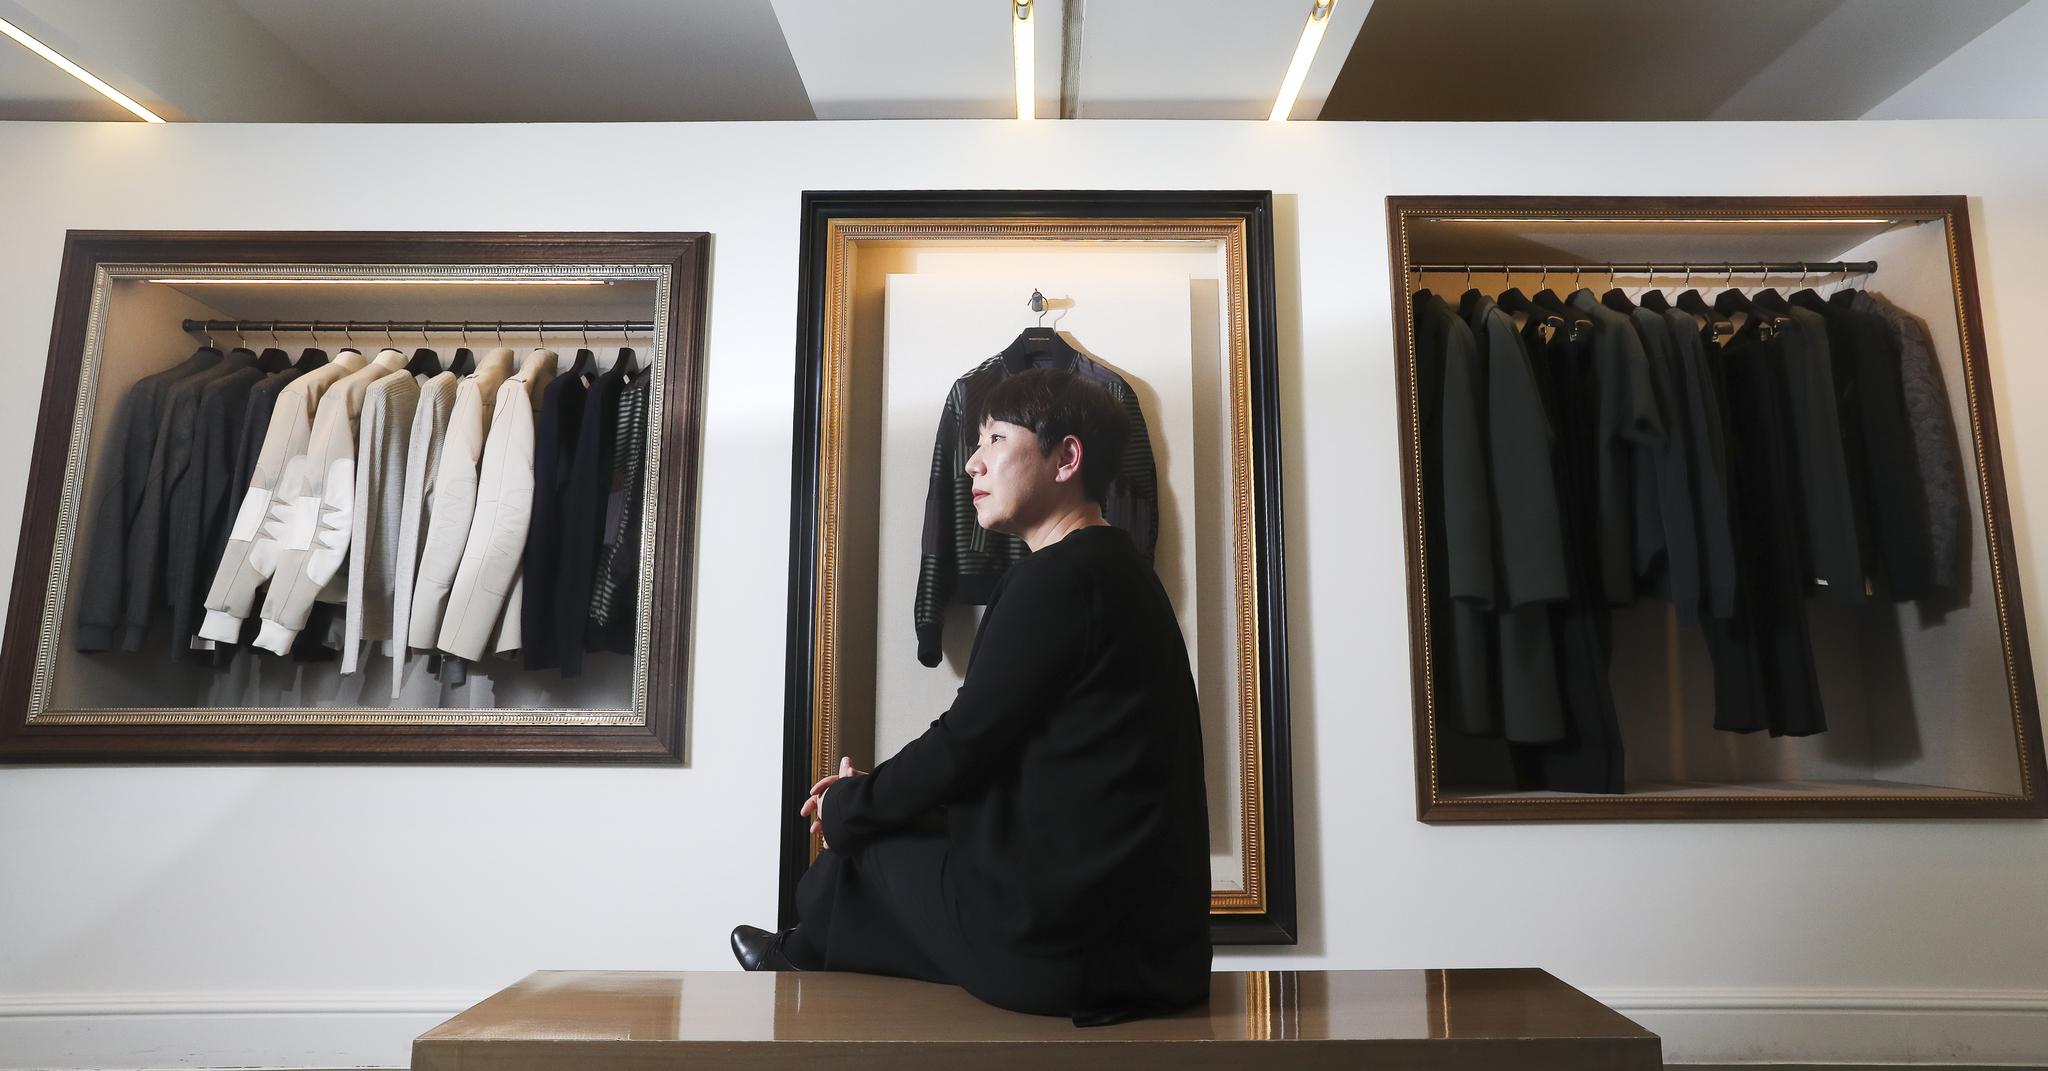 패션 디자이너 우영미를 서울 강남구 'WOOYOUNGMI' 플래그십 스토어 맨메이드에서 만났다.